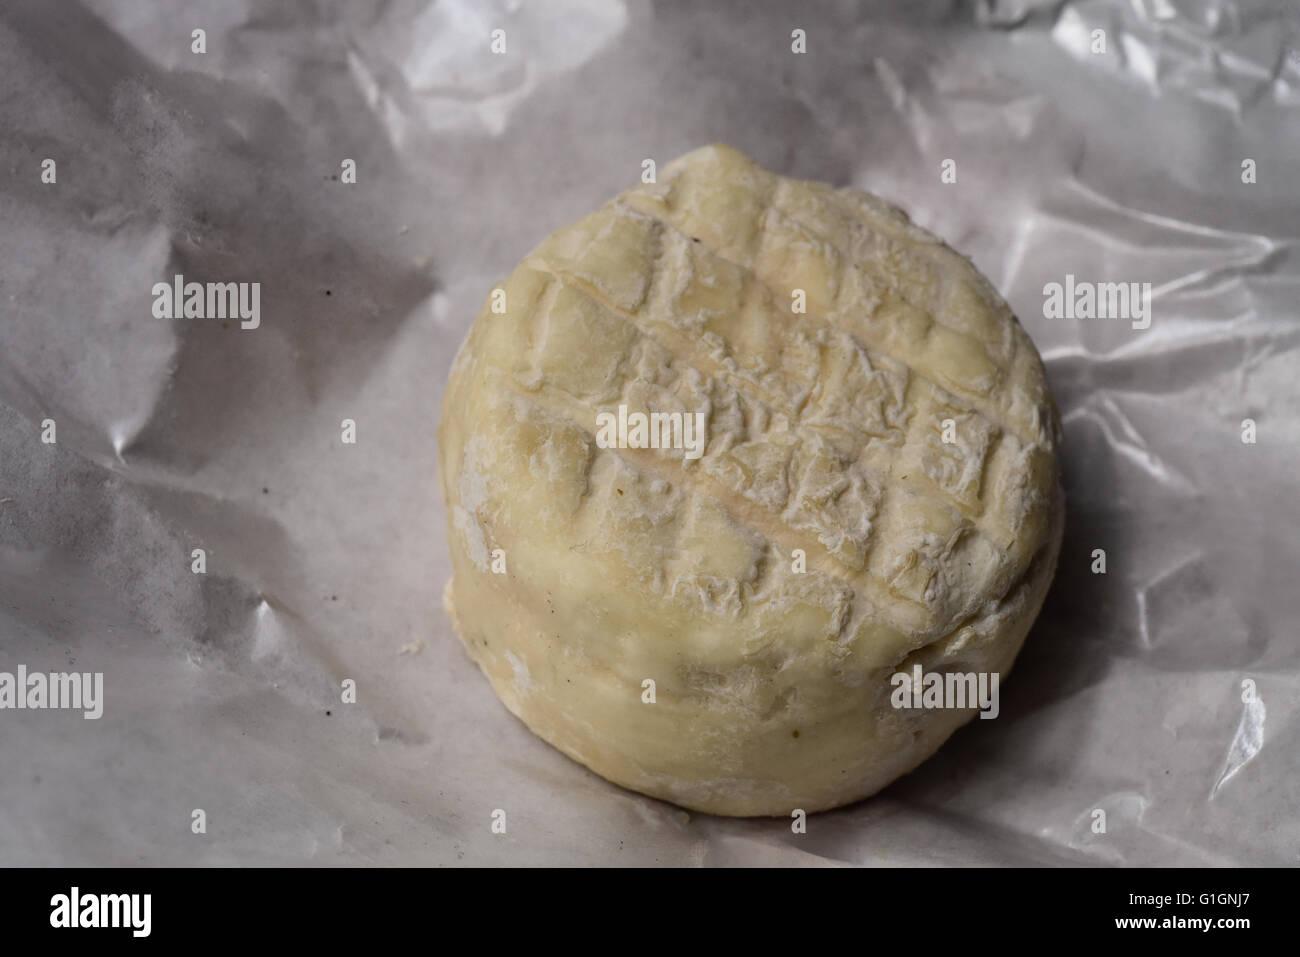 Jaunes, le fromage de chèvre dans un papier d'emballage Photo Stock